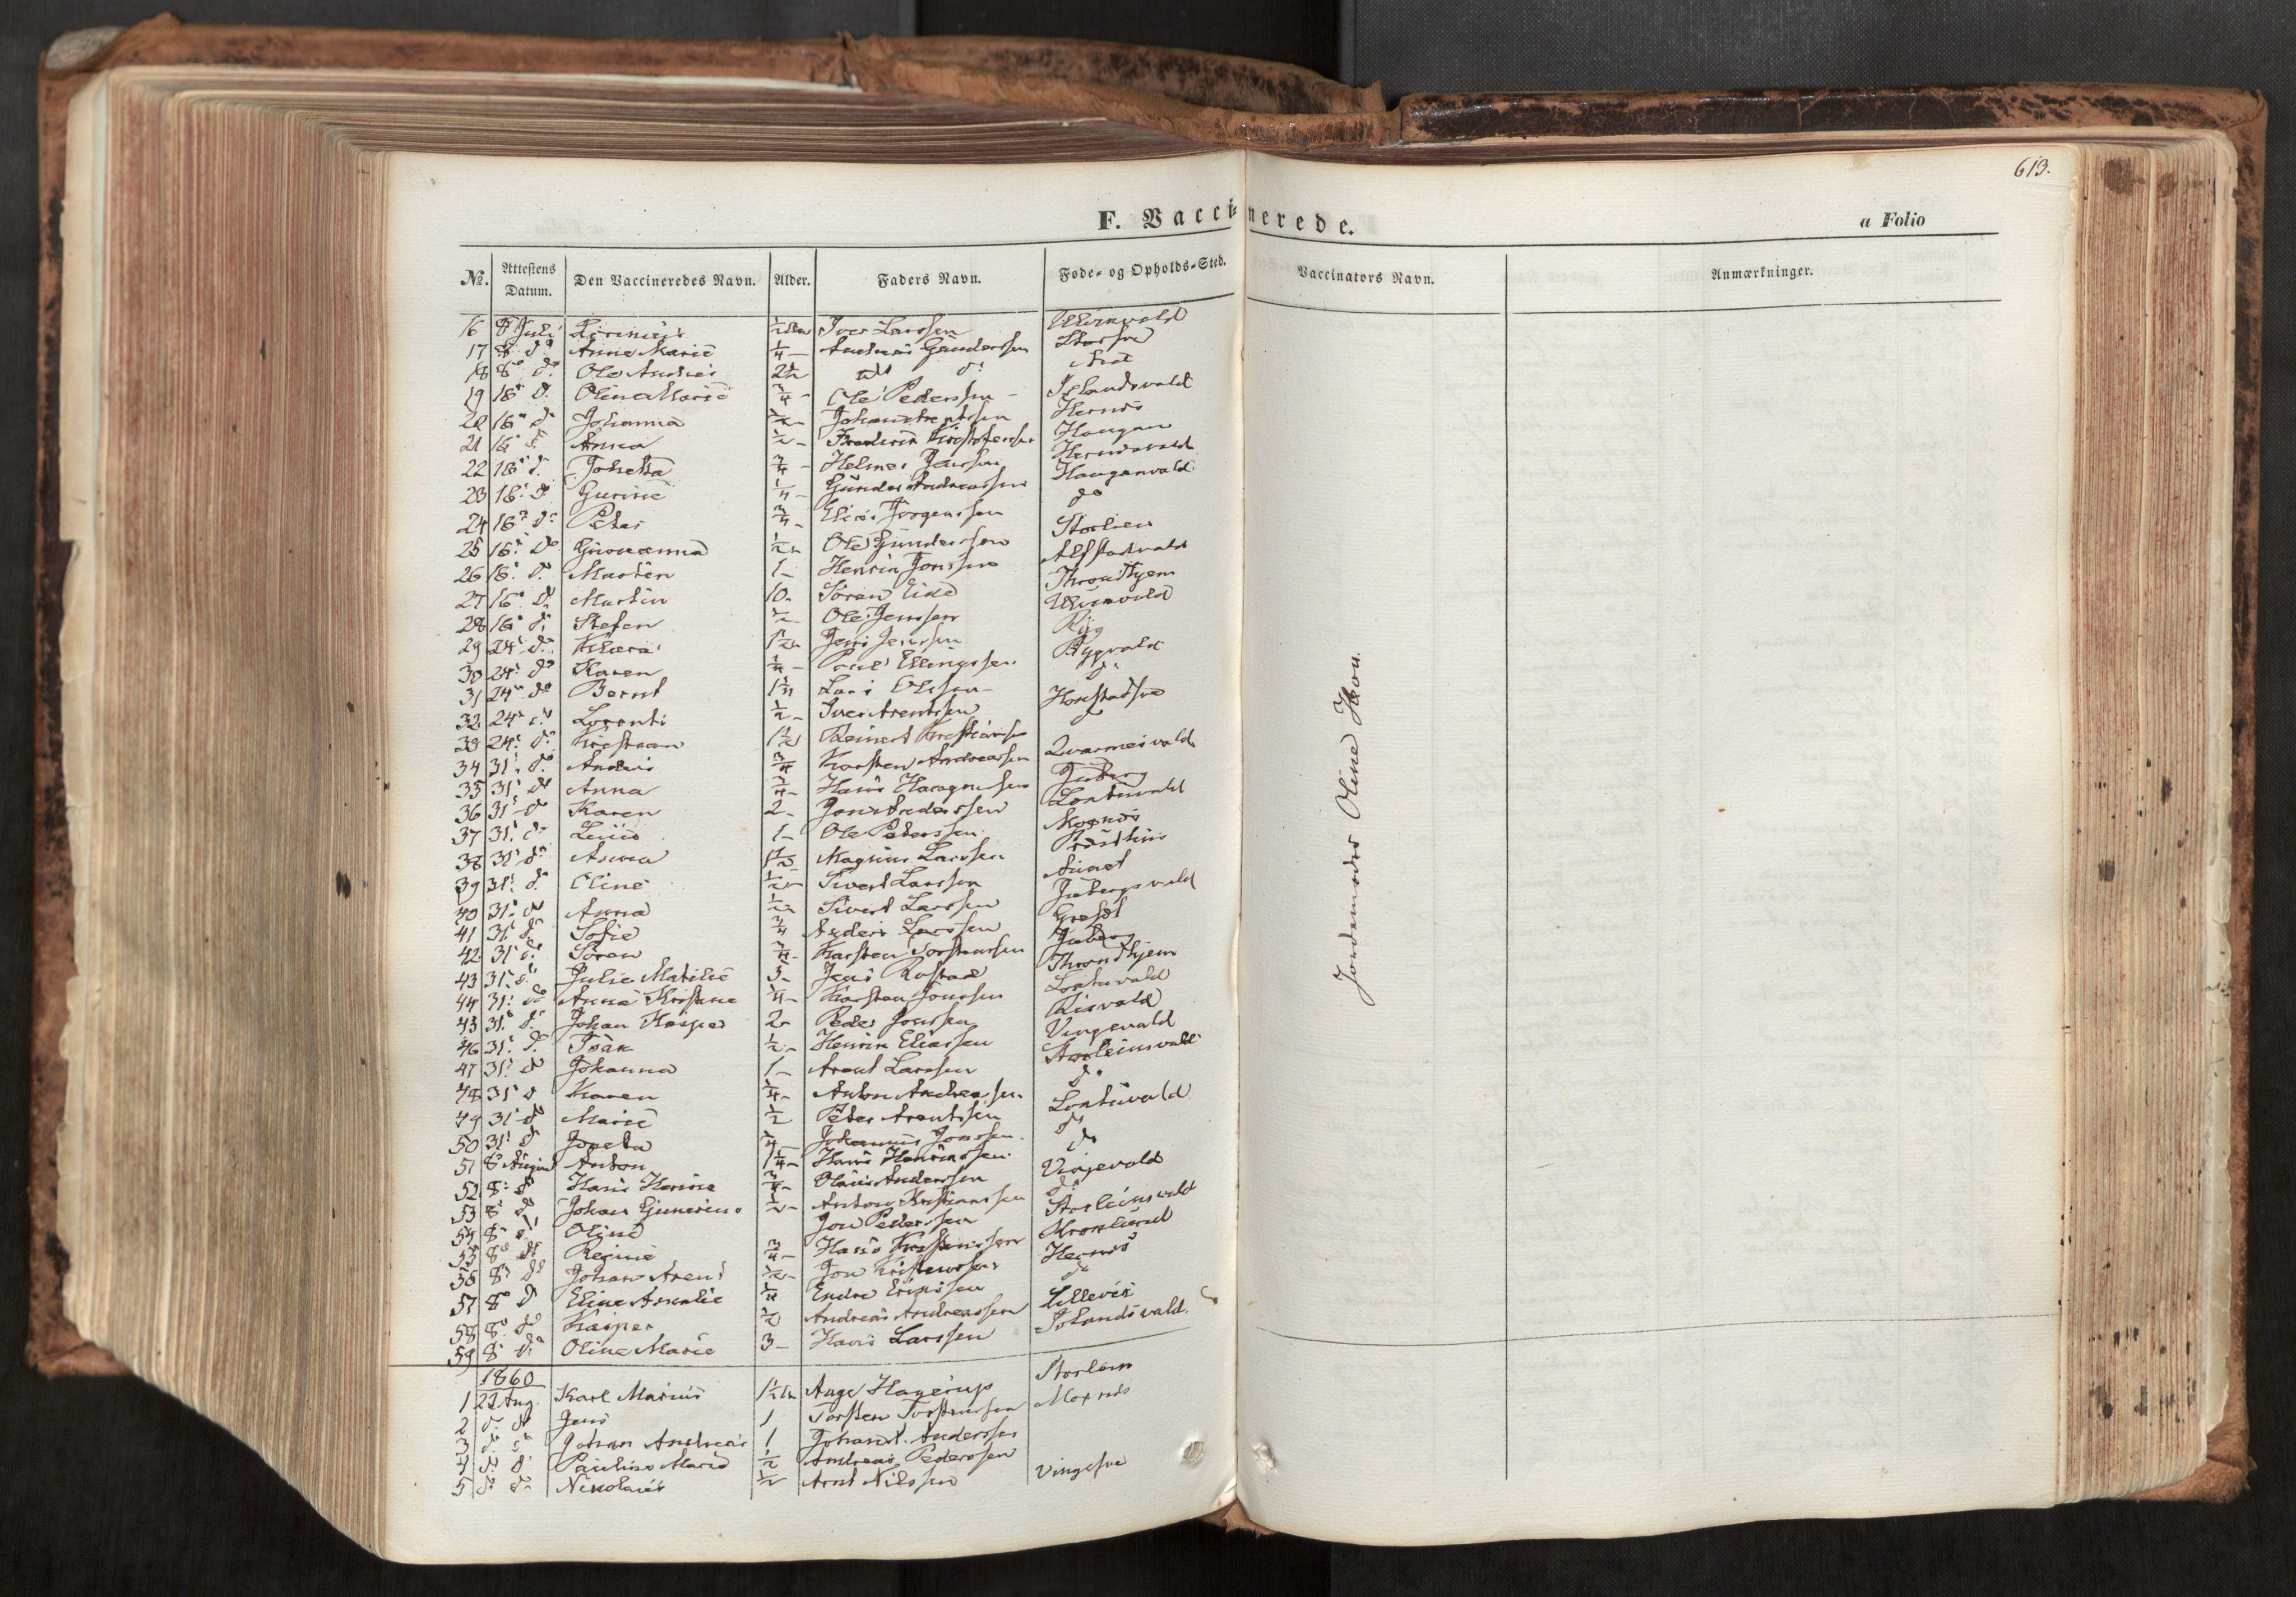 SAT, Ministerialprotokoller, klokkerbøker og fødselsregistre - Nord-Trøndelag, 713/L0116: Ministerialbok nr. 713A07, 1850-1877, s. 613